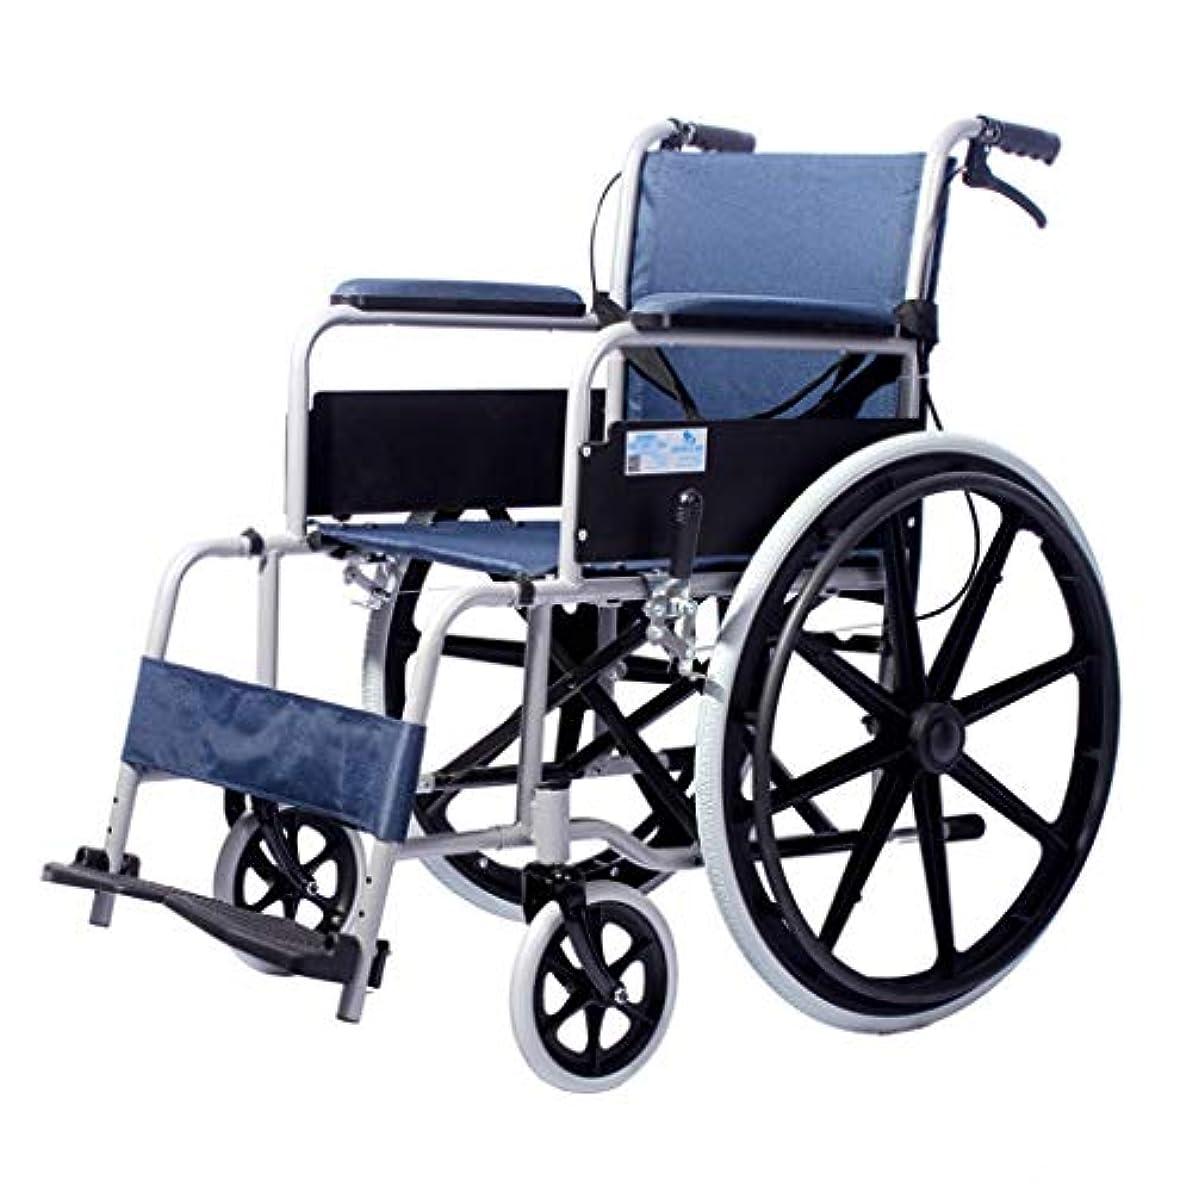 ペチュランス平和なオピエート高齢者用車椅子折りたたみ式手すり、高齢者用調整可能ペダル、四輪ブレーキ機能